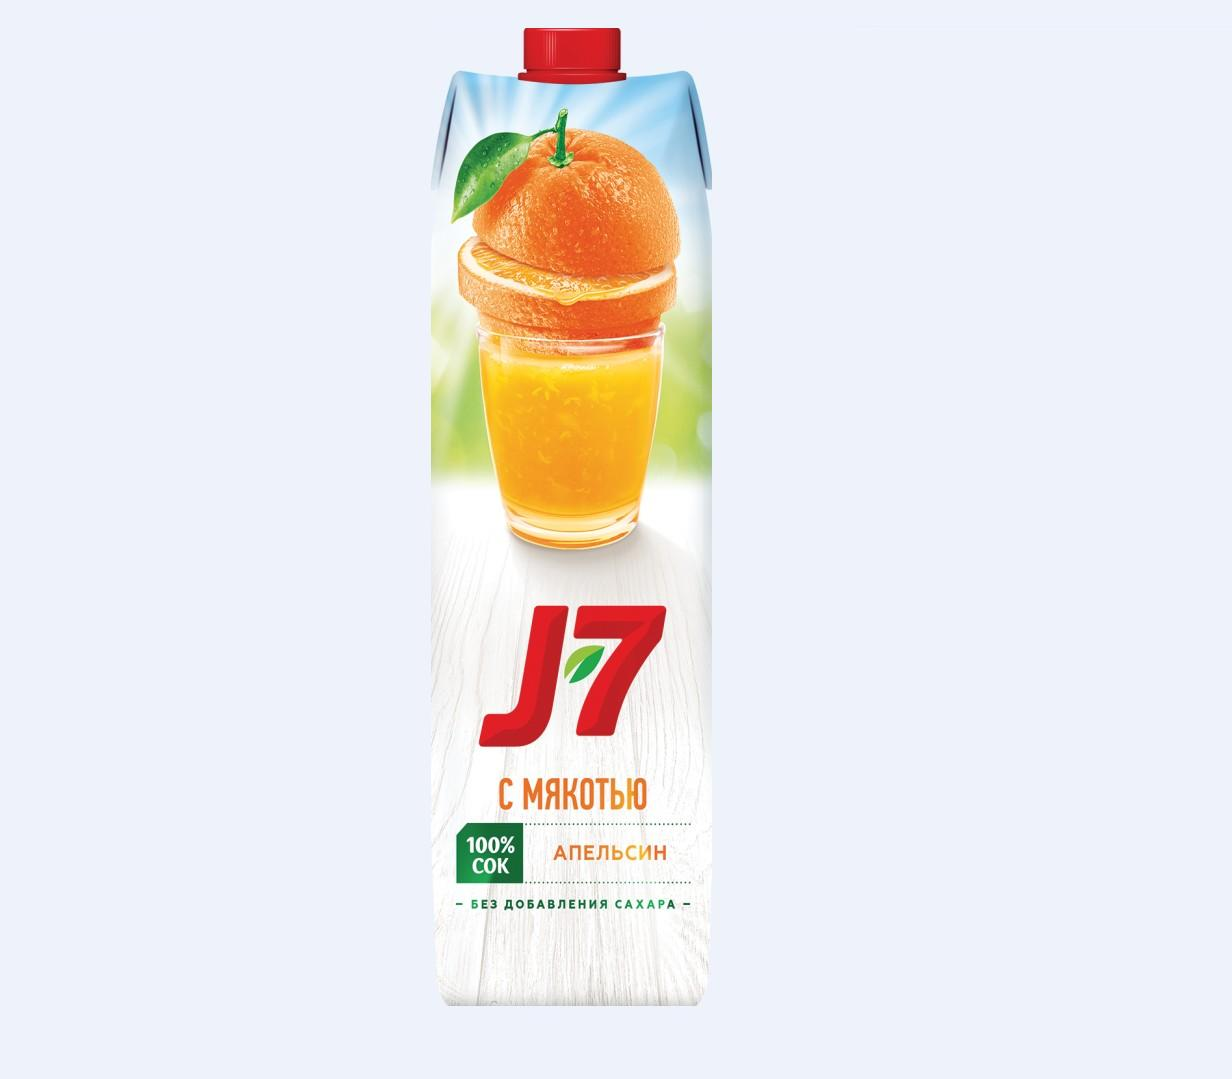 Нектар J7 0,97л.  -Апельсин с мякотью